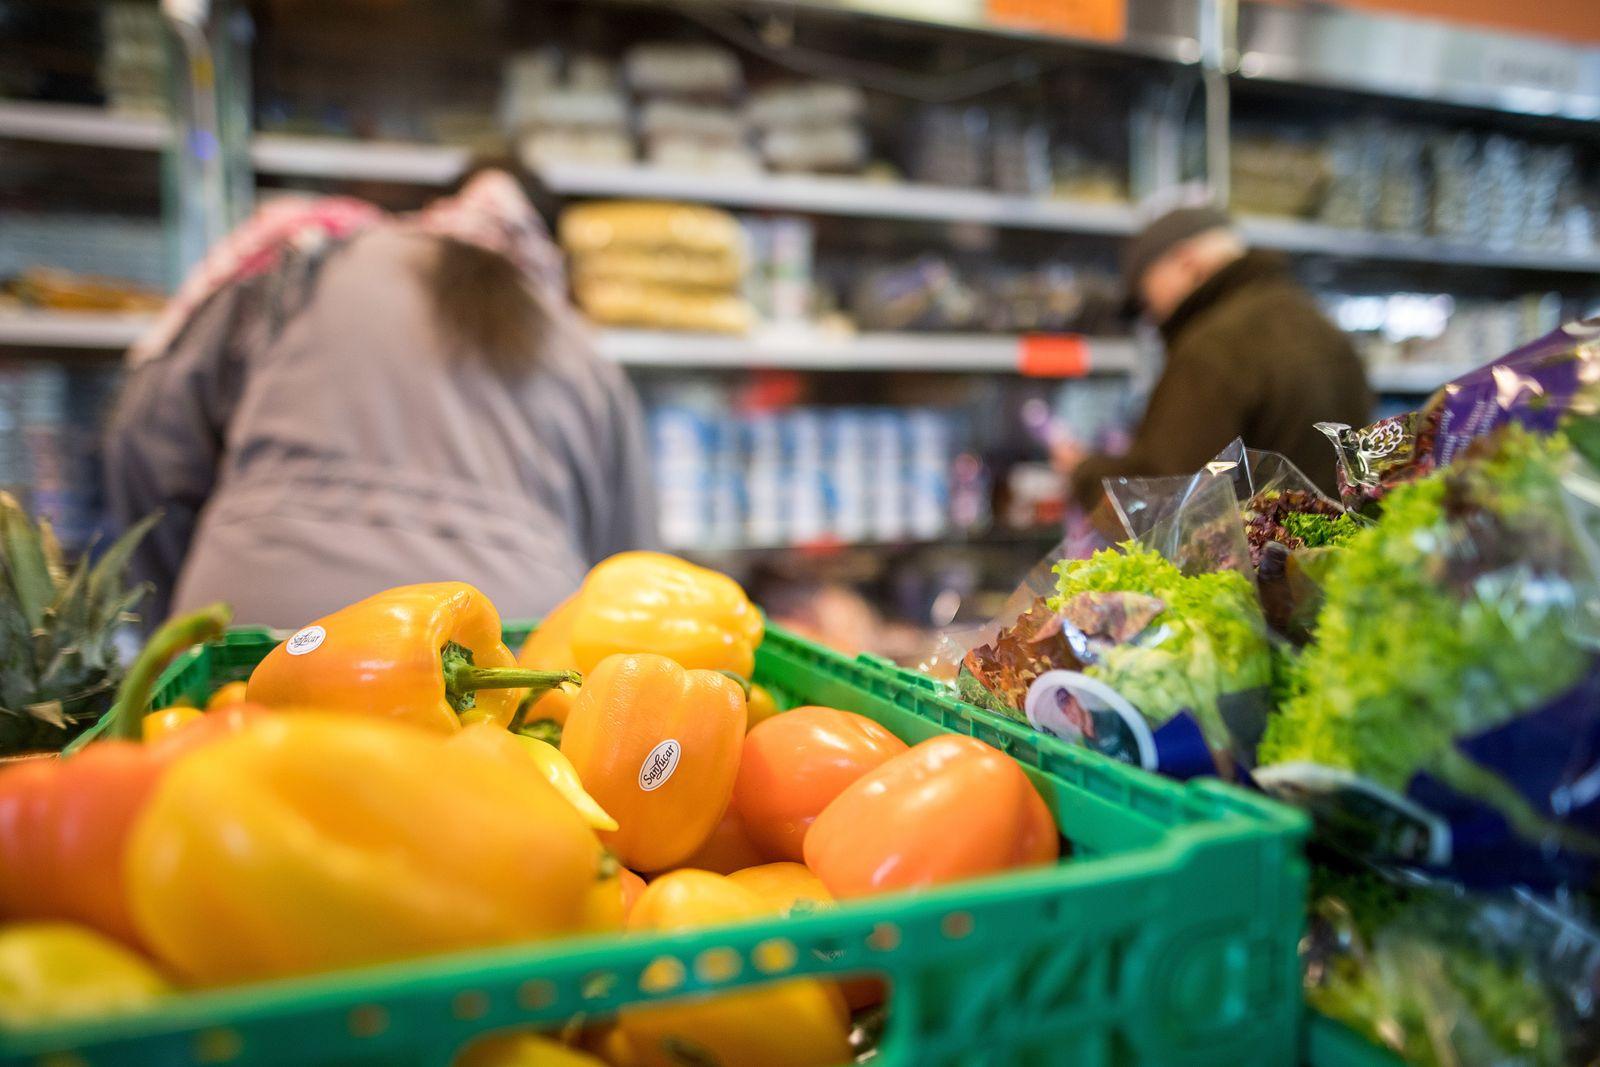 Inflation / Preise / Supermarkt